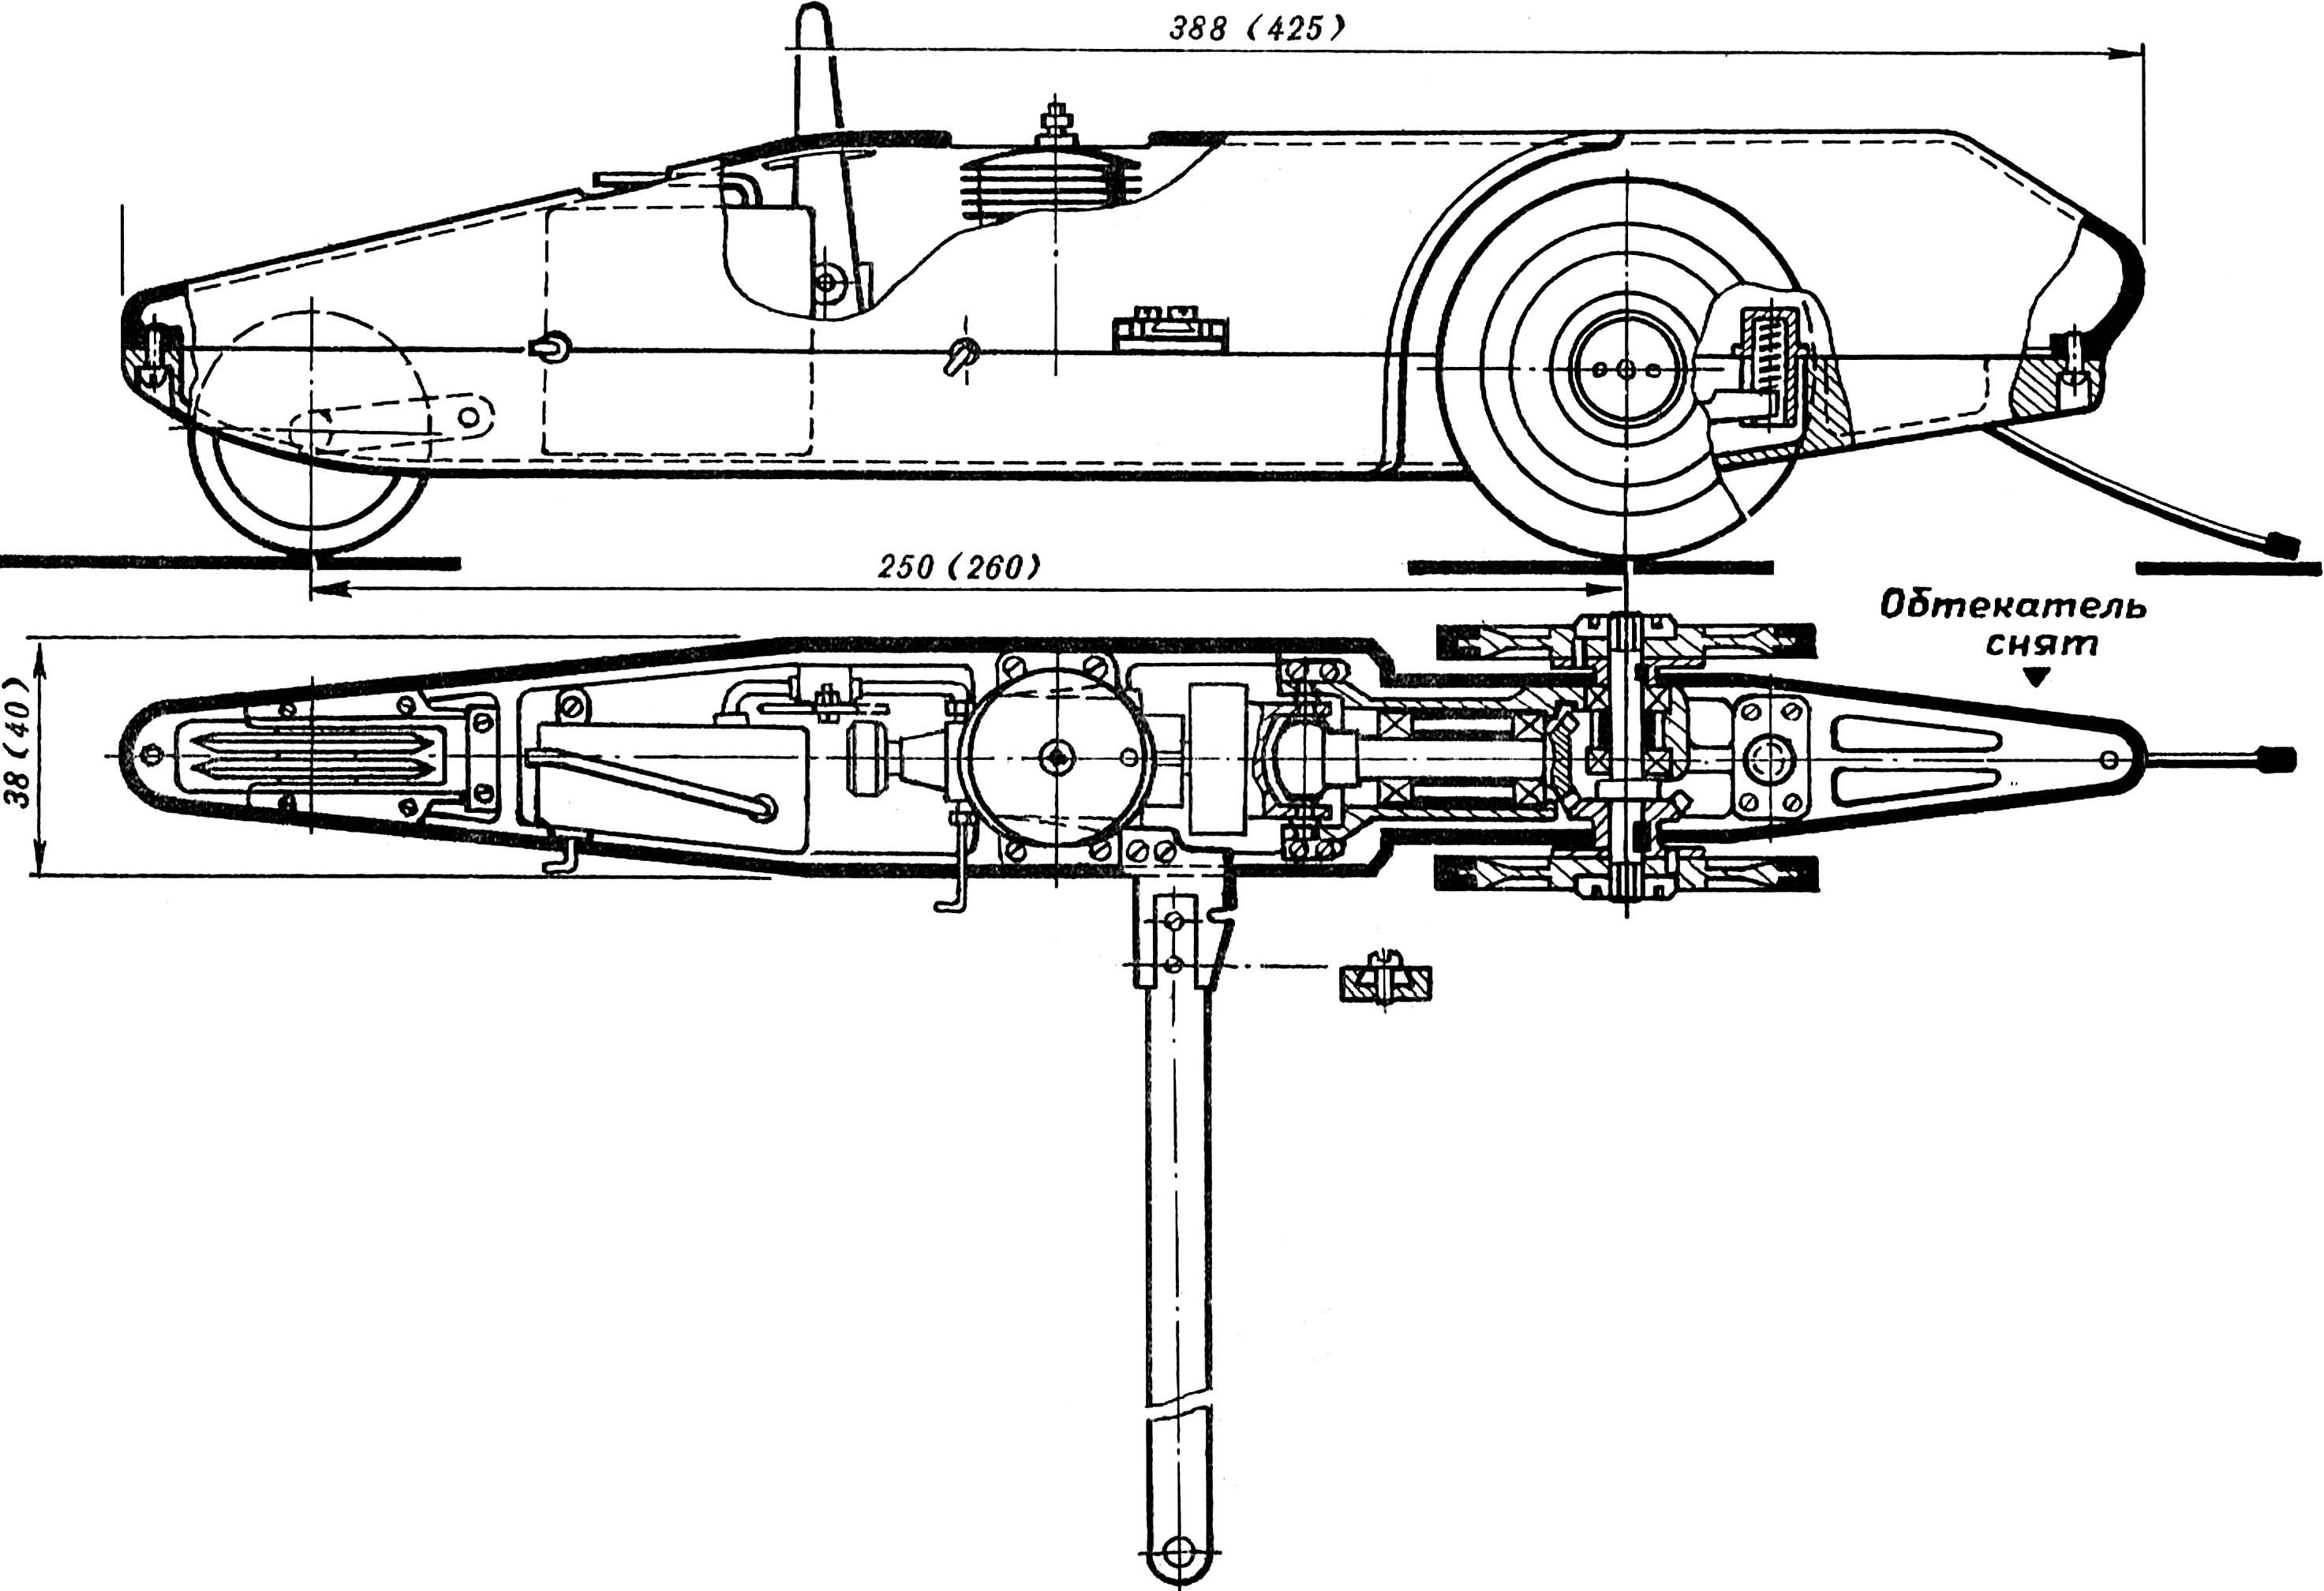 Рис. 1 Кордовая гоночная модель класса Е-1 и Е-2. В скобках указаны размеры, соответствующие варианту модели класса Е-2.